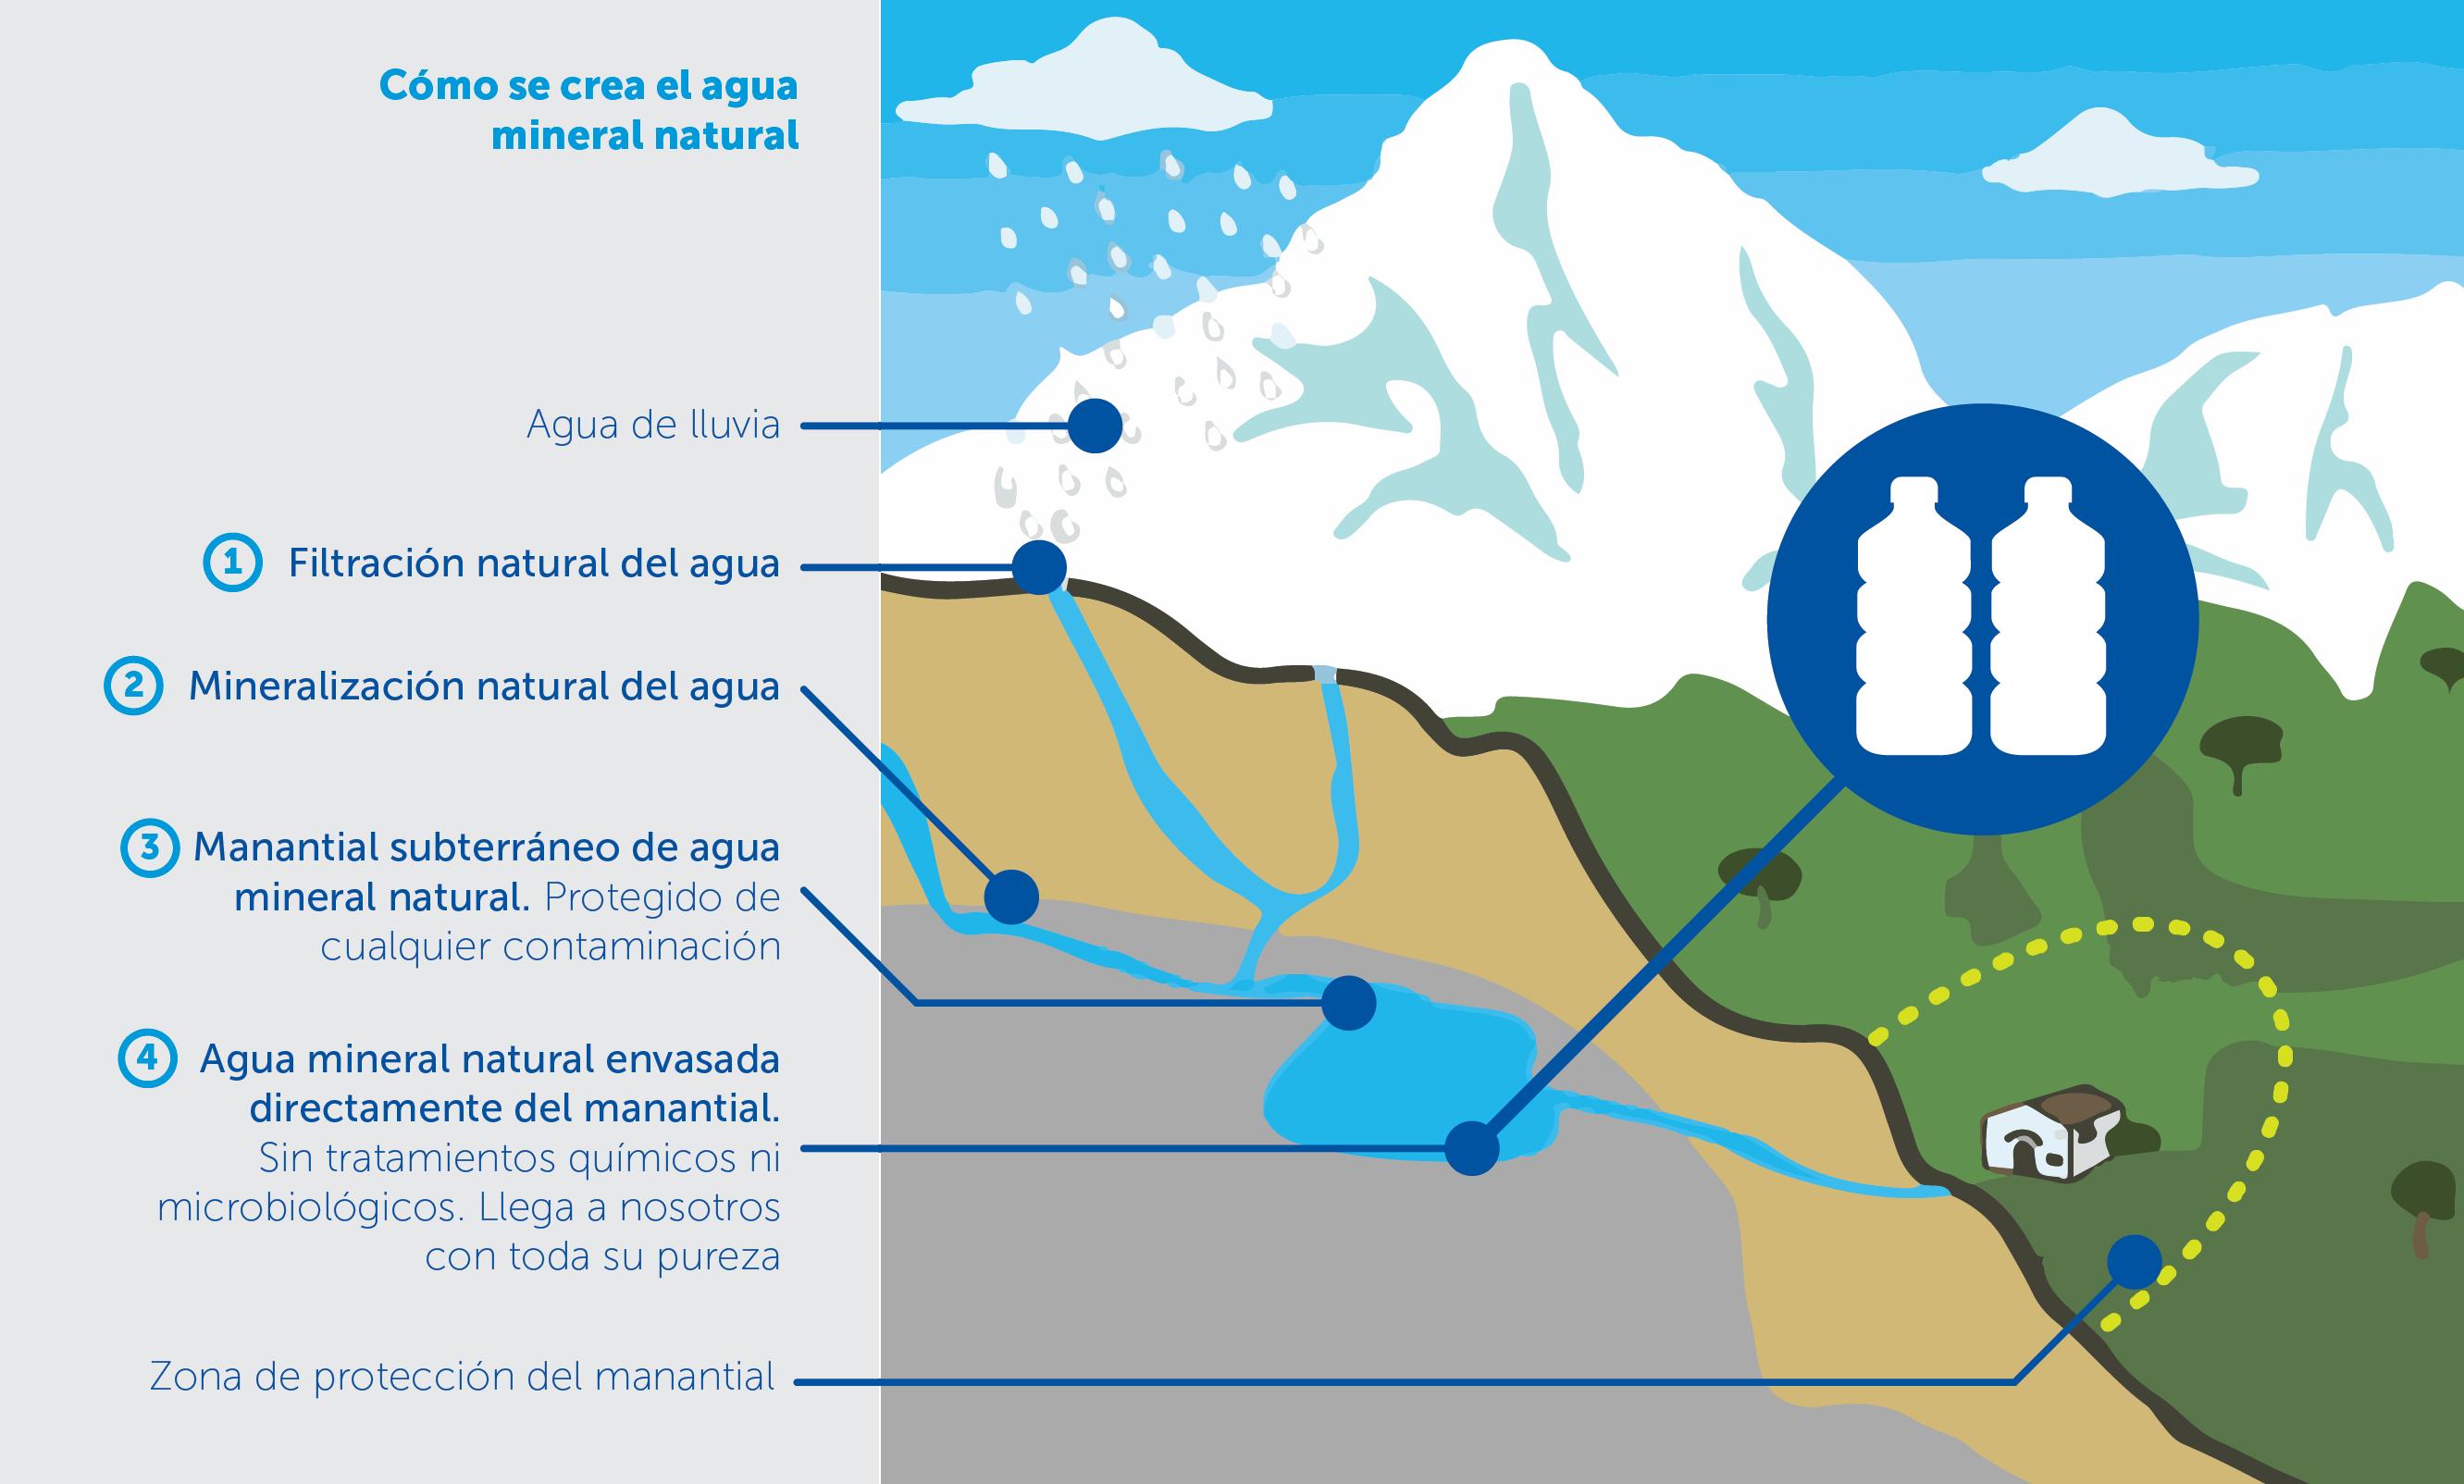 pureza original - Instituto de Investigación Agua y Salud